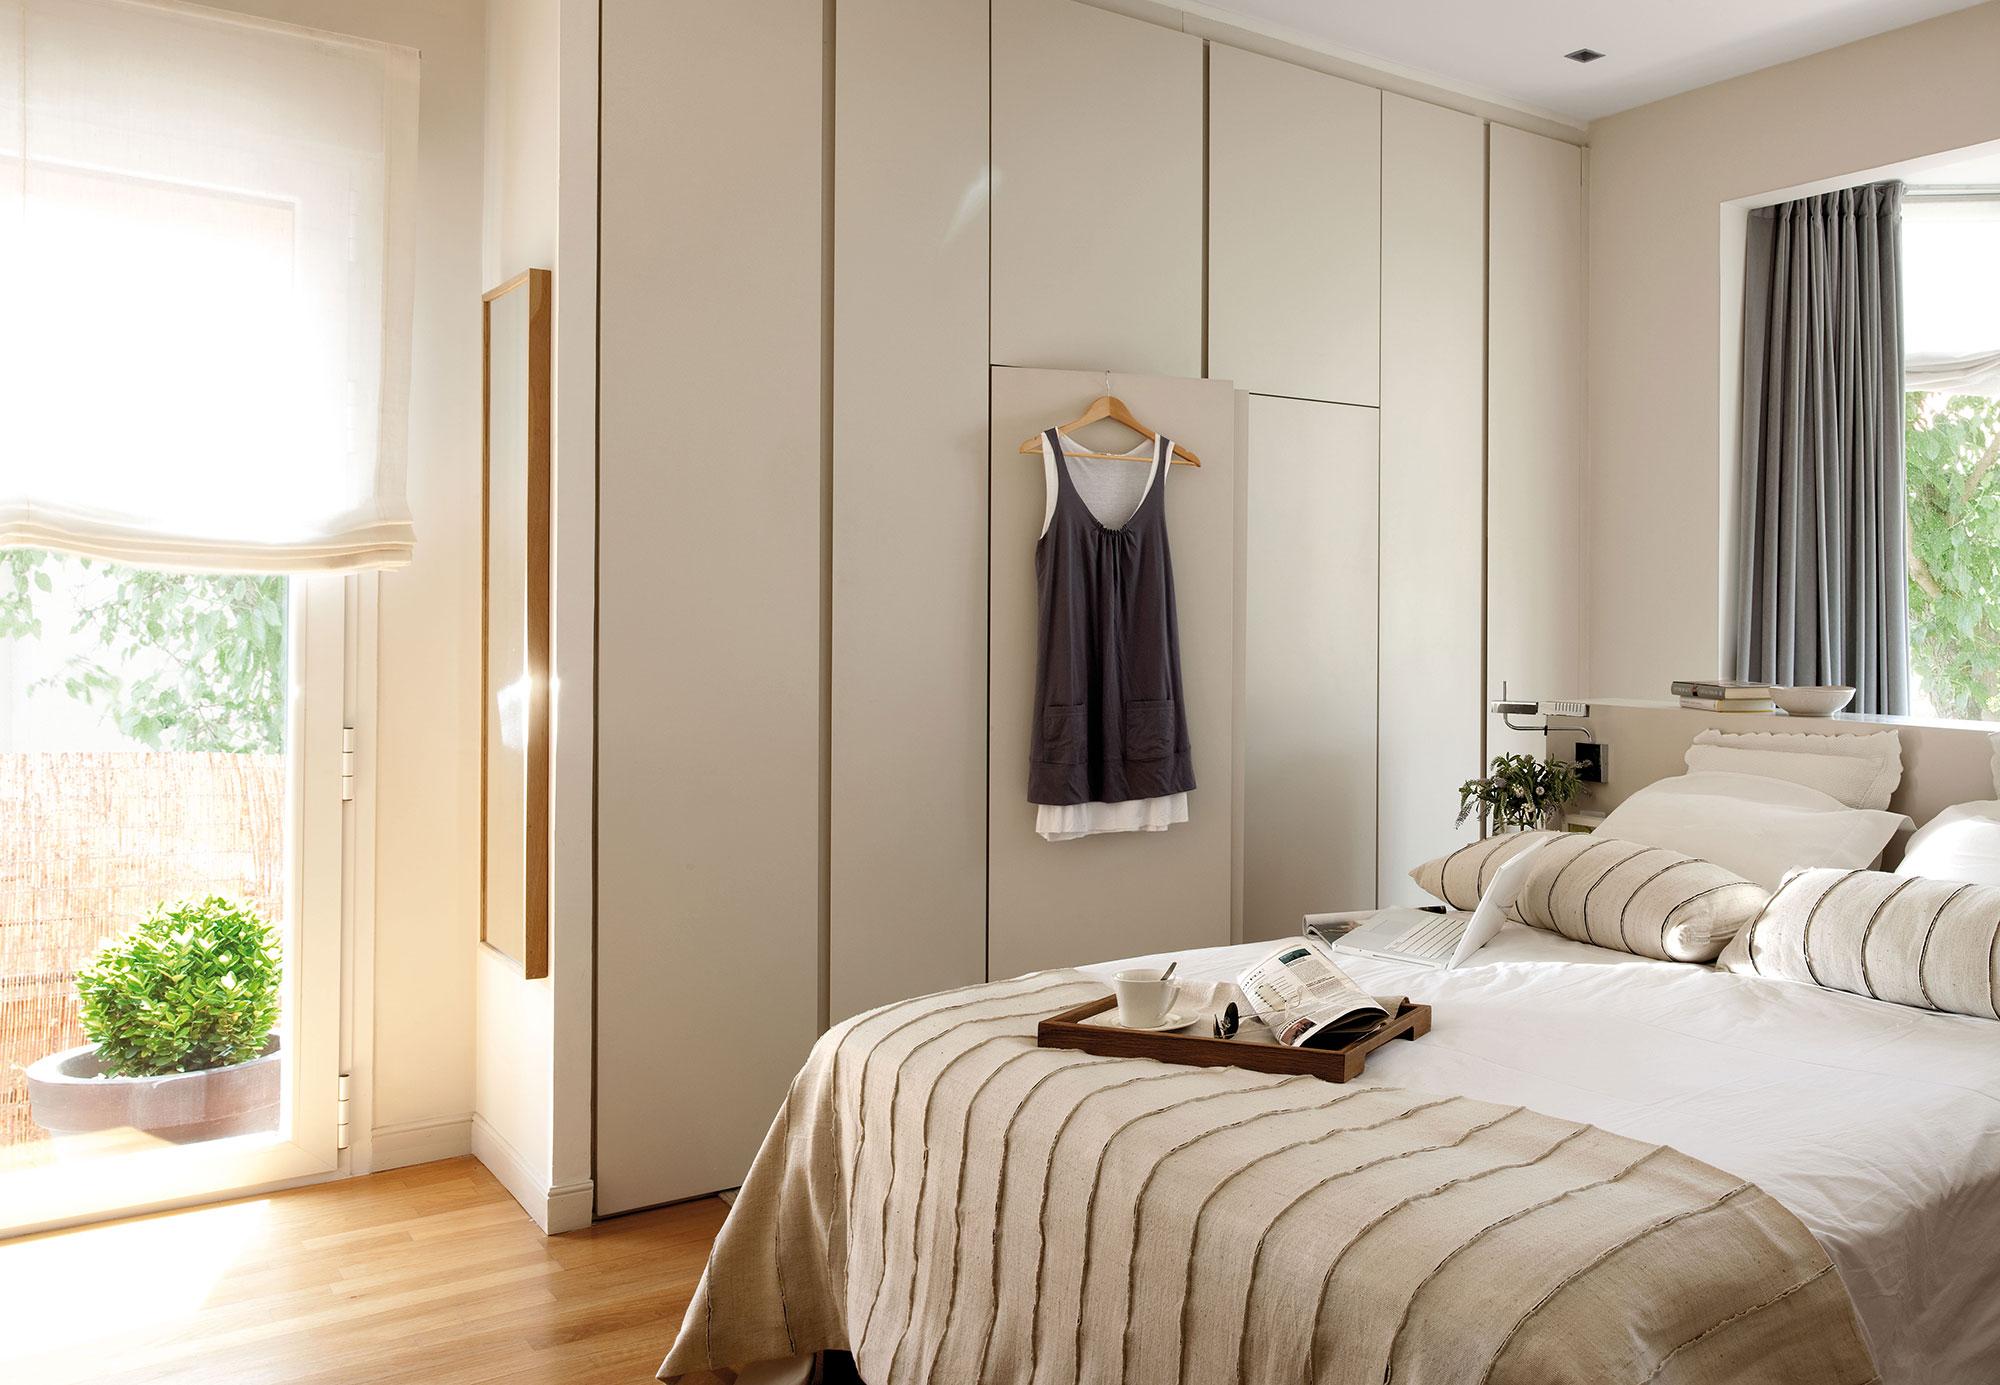 Armarios ordena mejor y duplica el espacio - Dormitorios con armarios empotrados ...